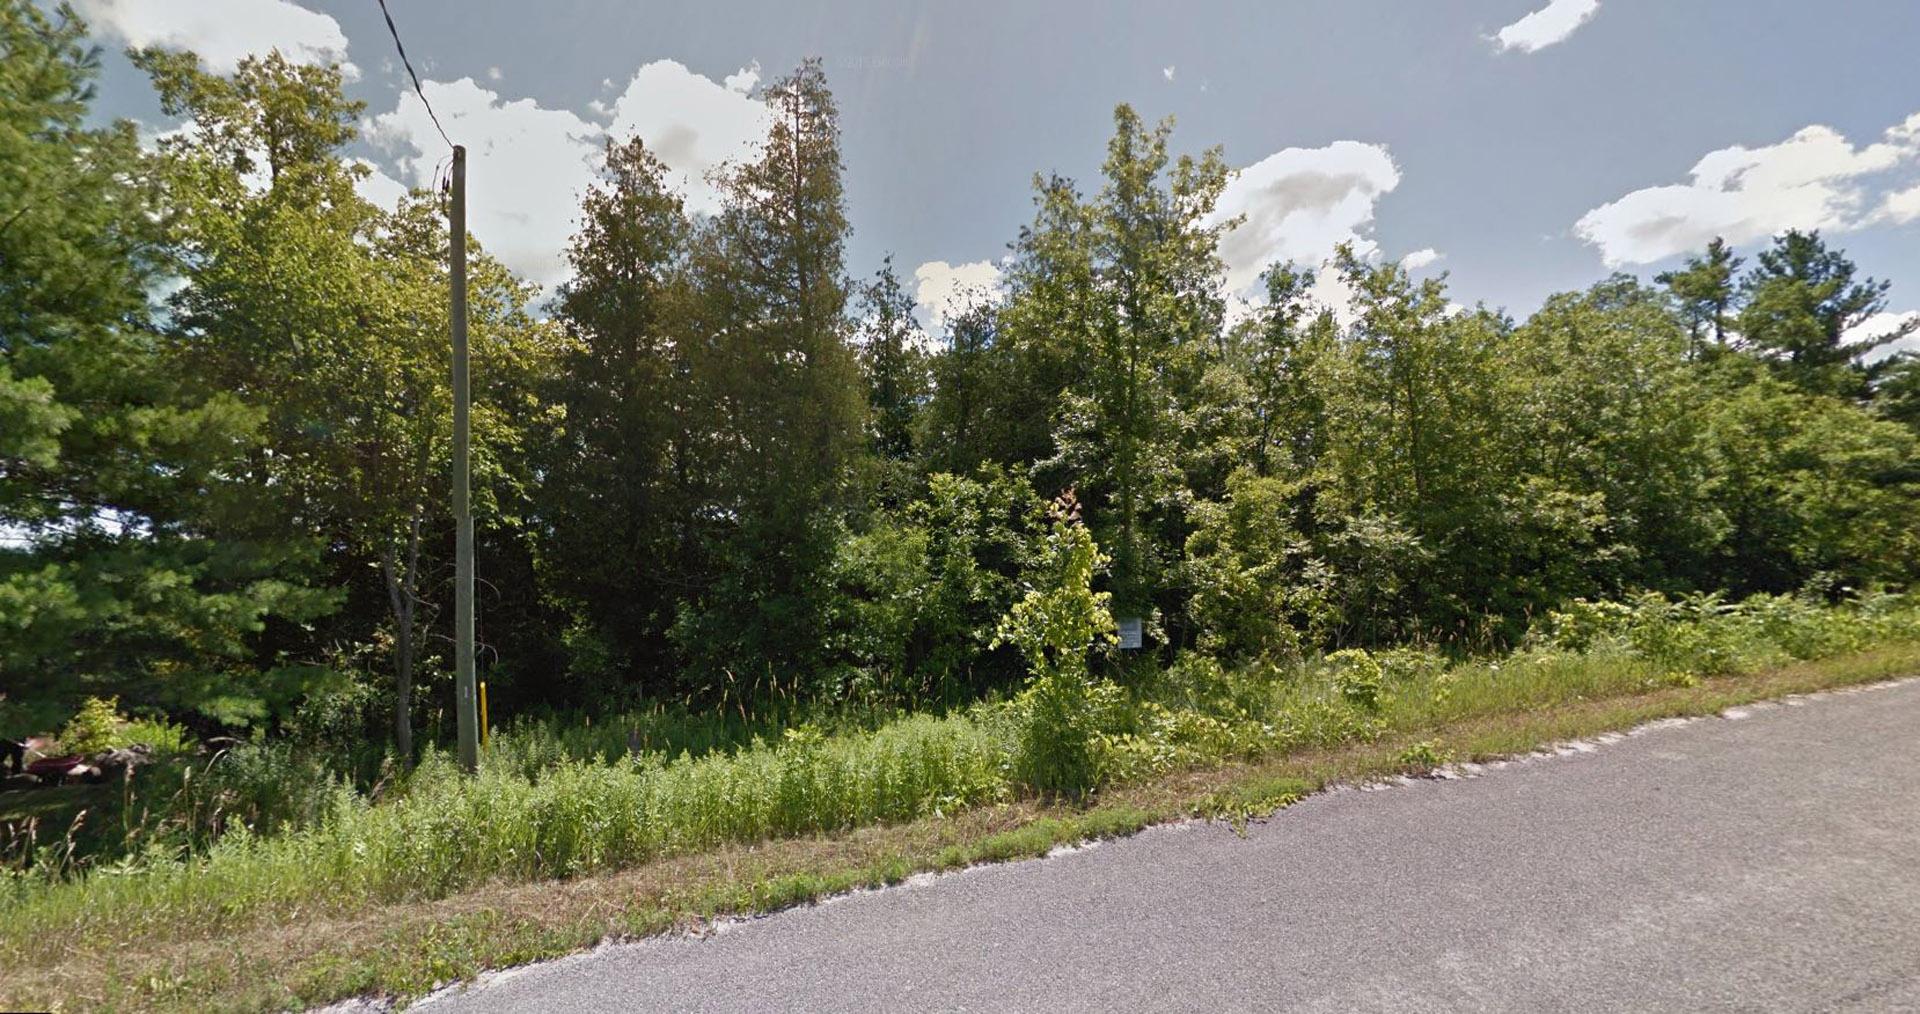 25 Summer Lane Trent Hills (Warkworth), Ontario K0K 3K0 - Front View